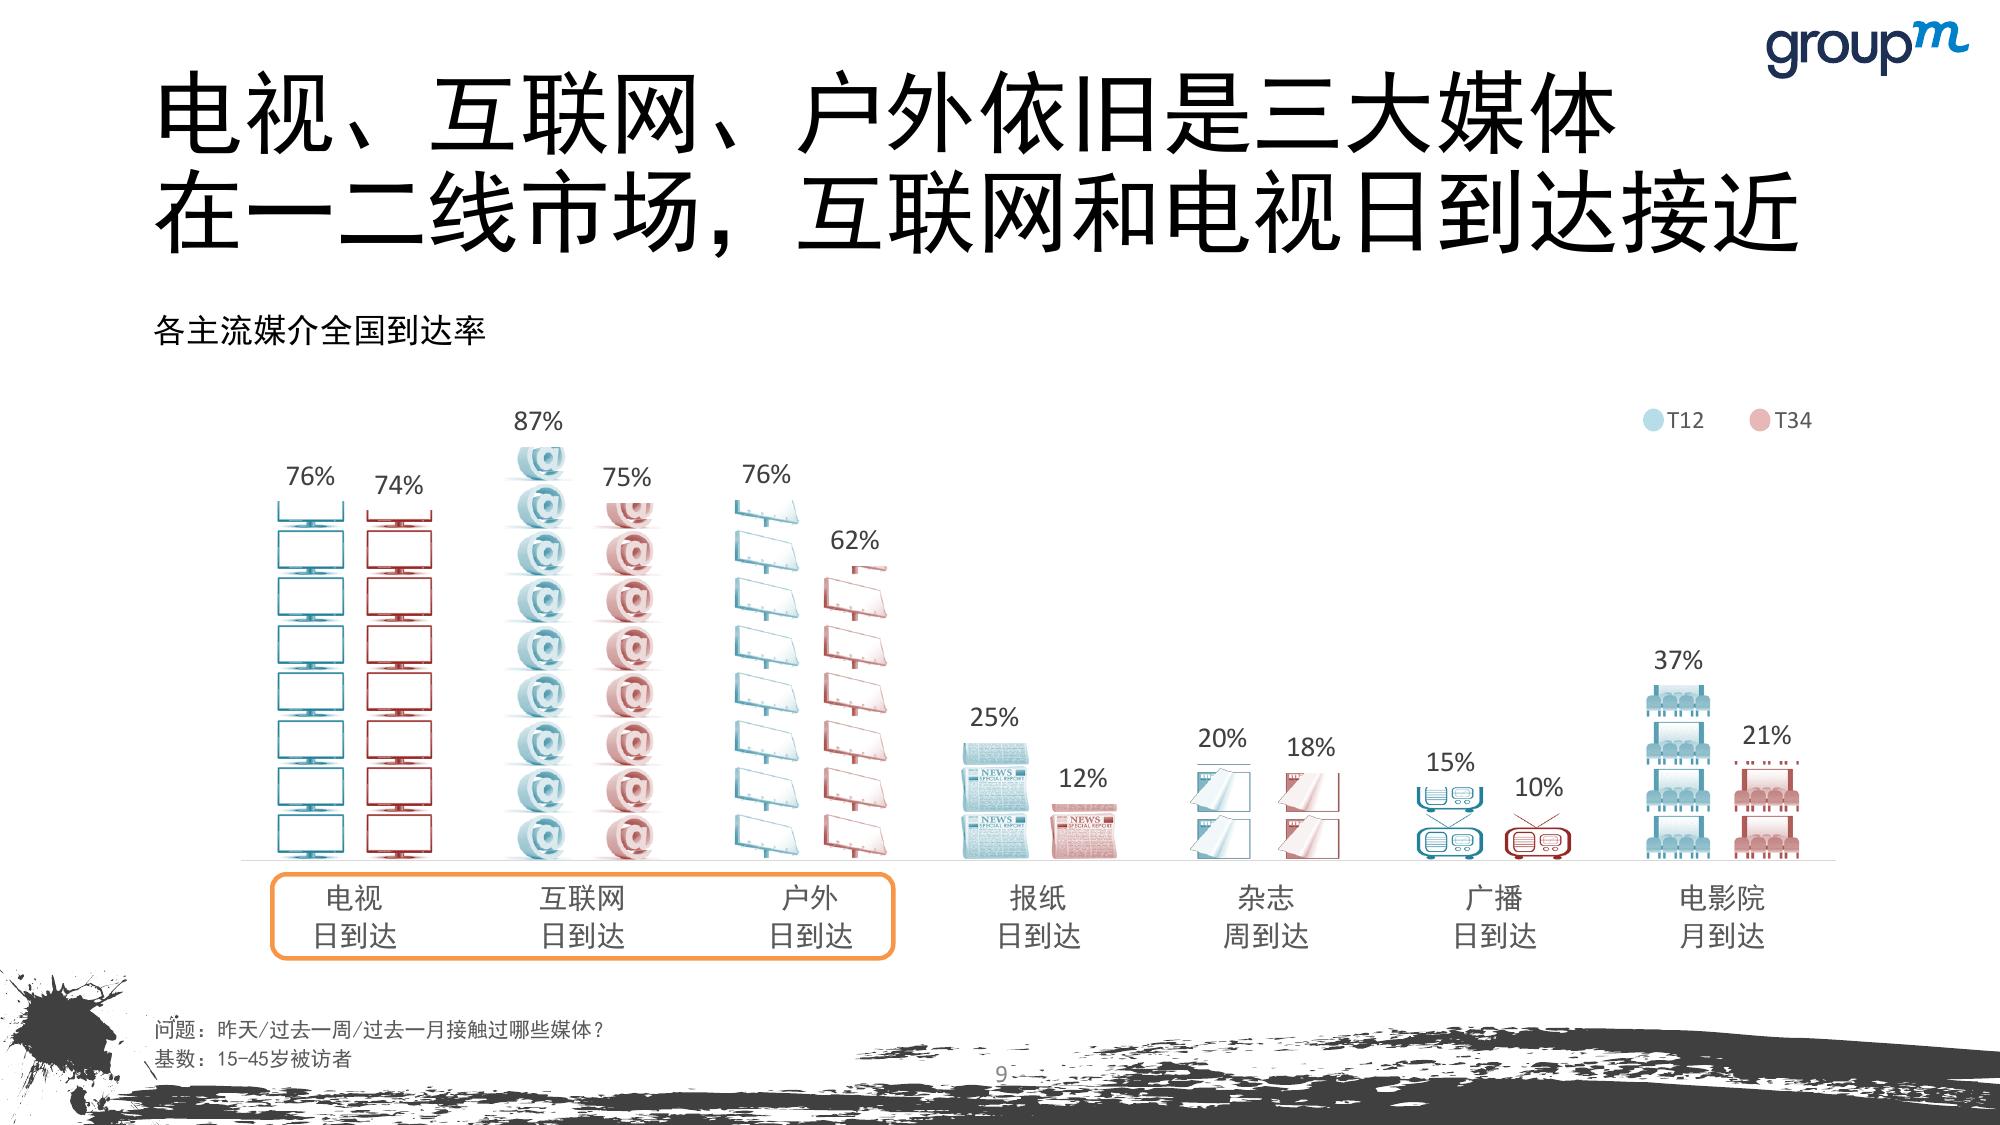 山海今2015中国媒介趋势报告_000009